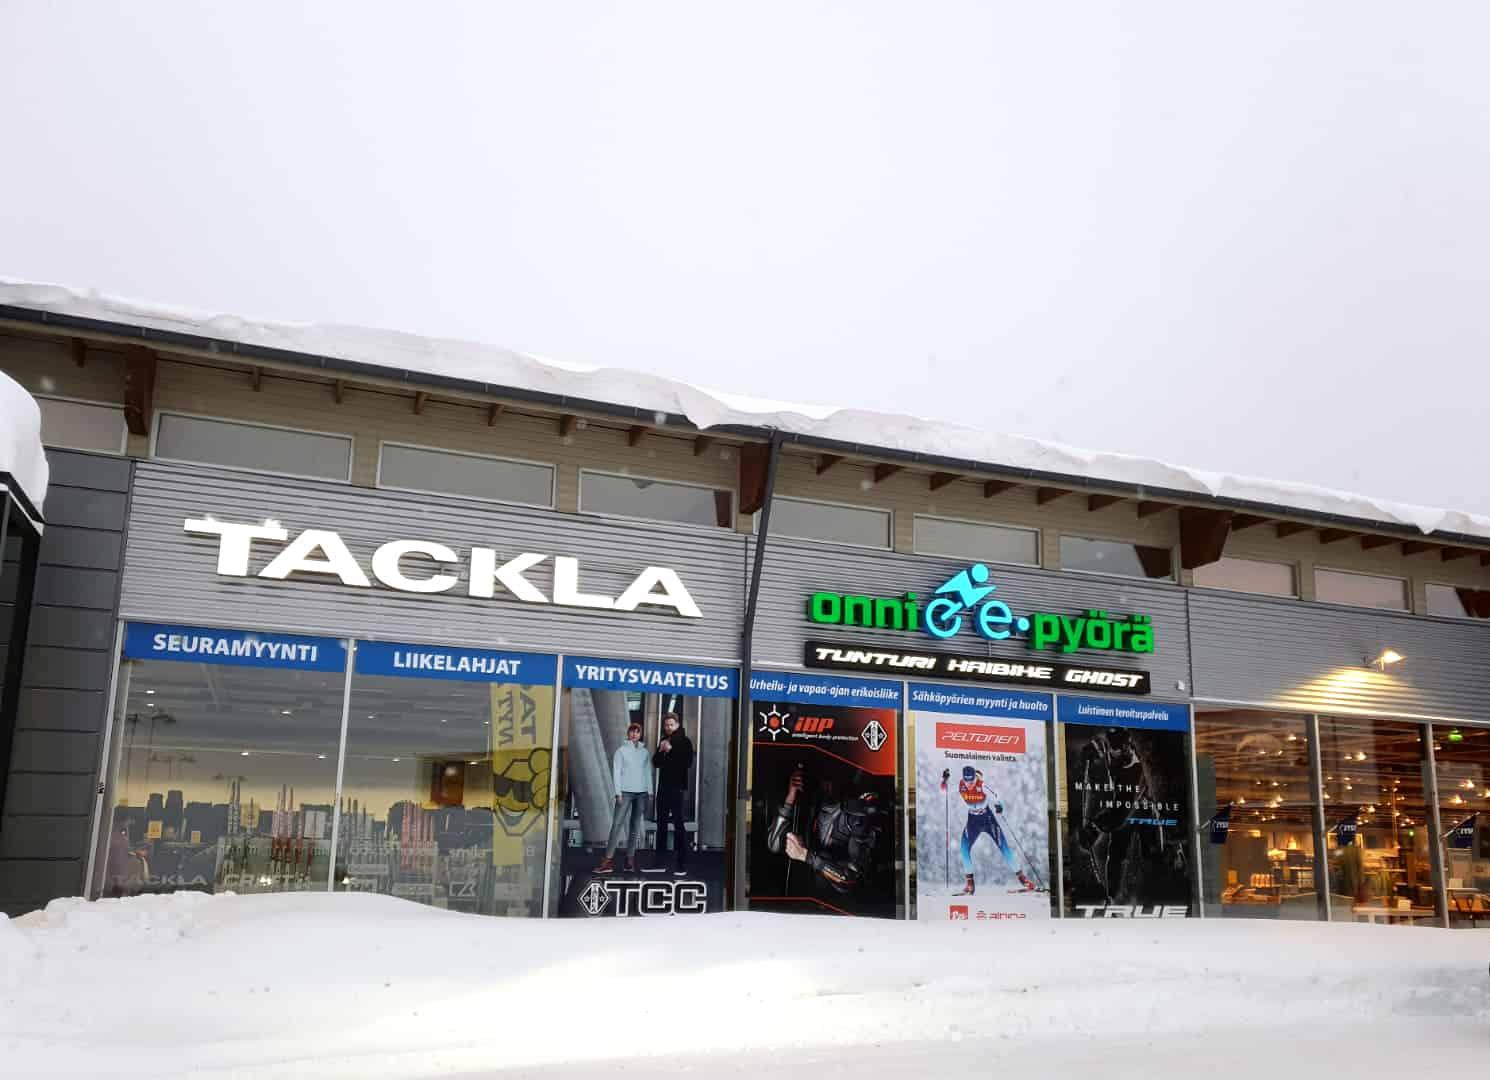 Onnipyörä Lappeenranta